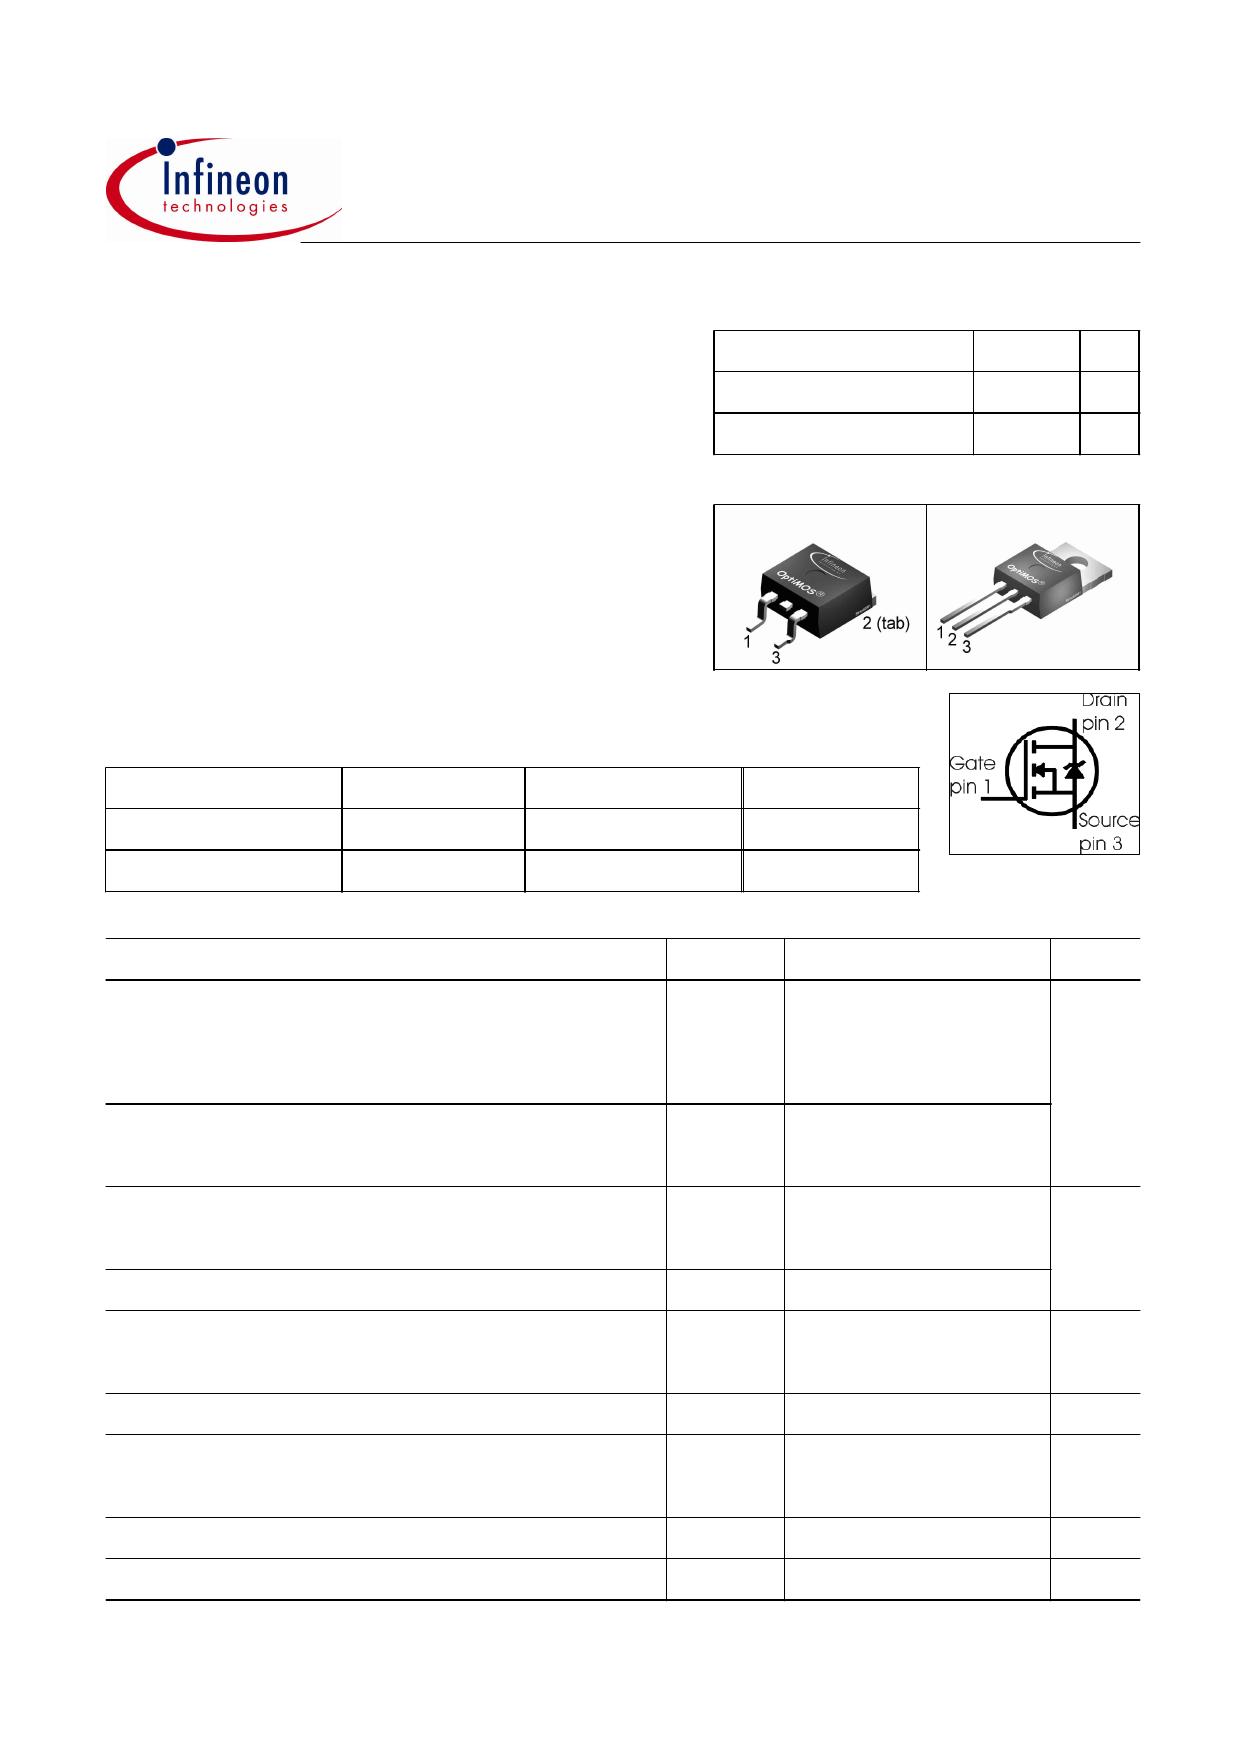 10N03L datasheet pinout